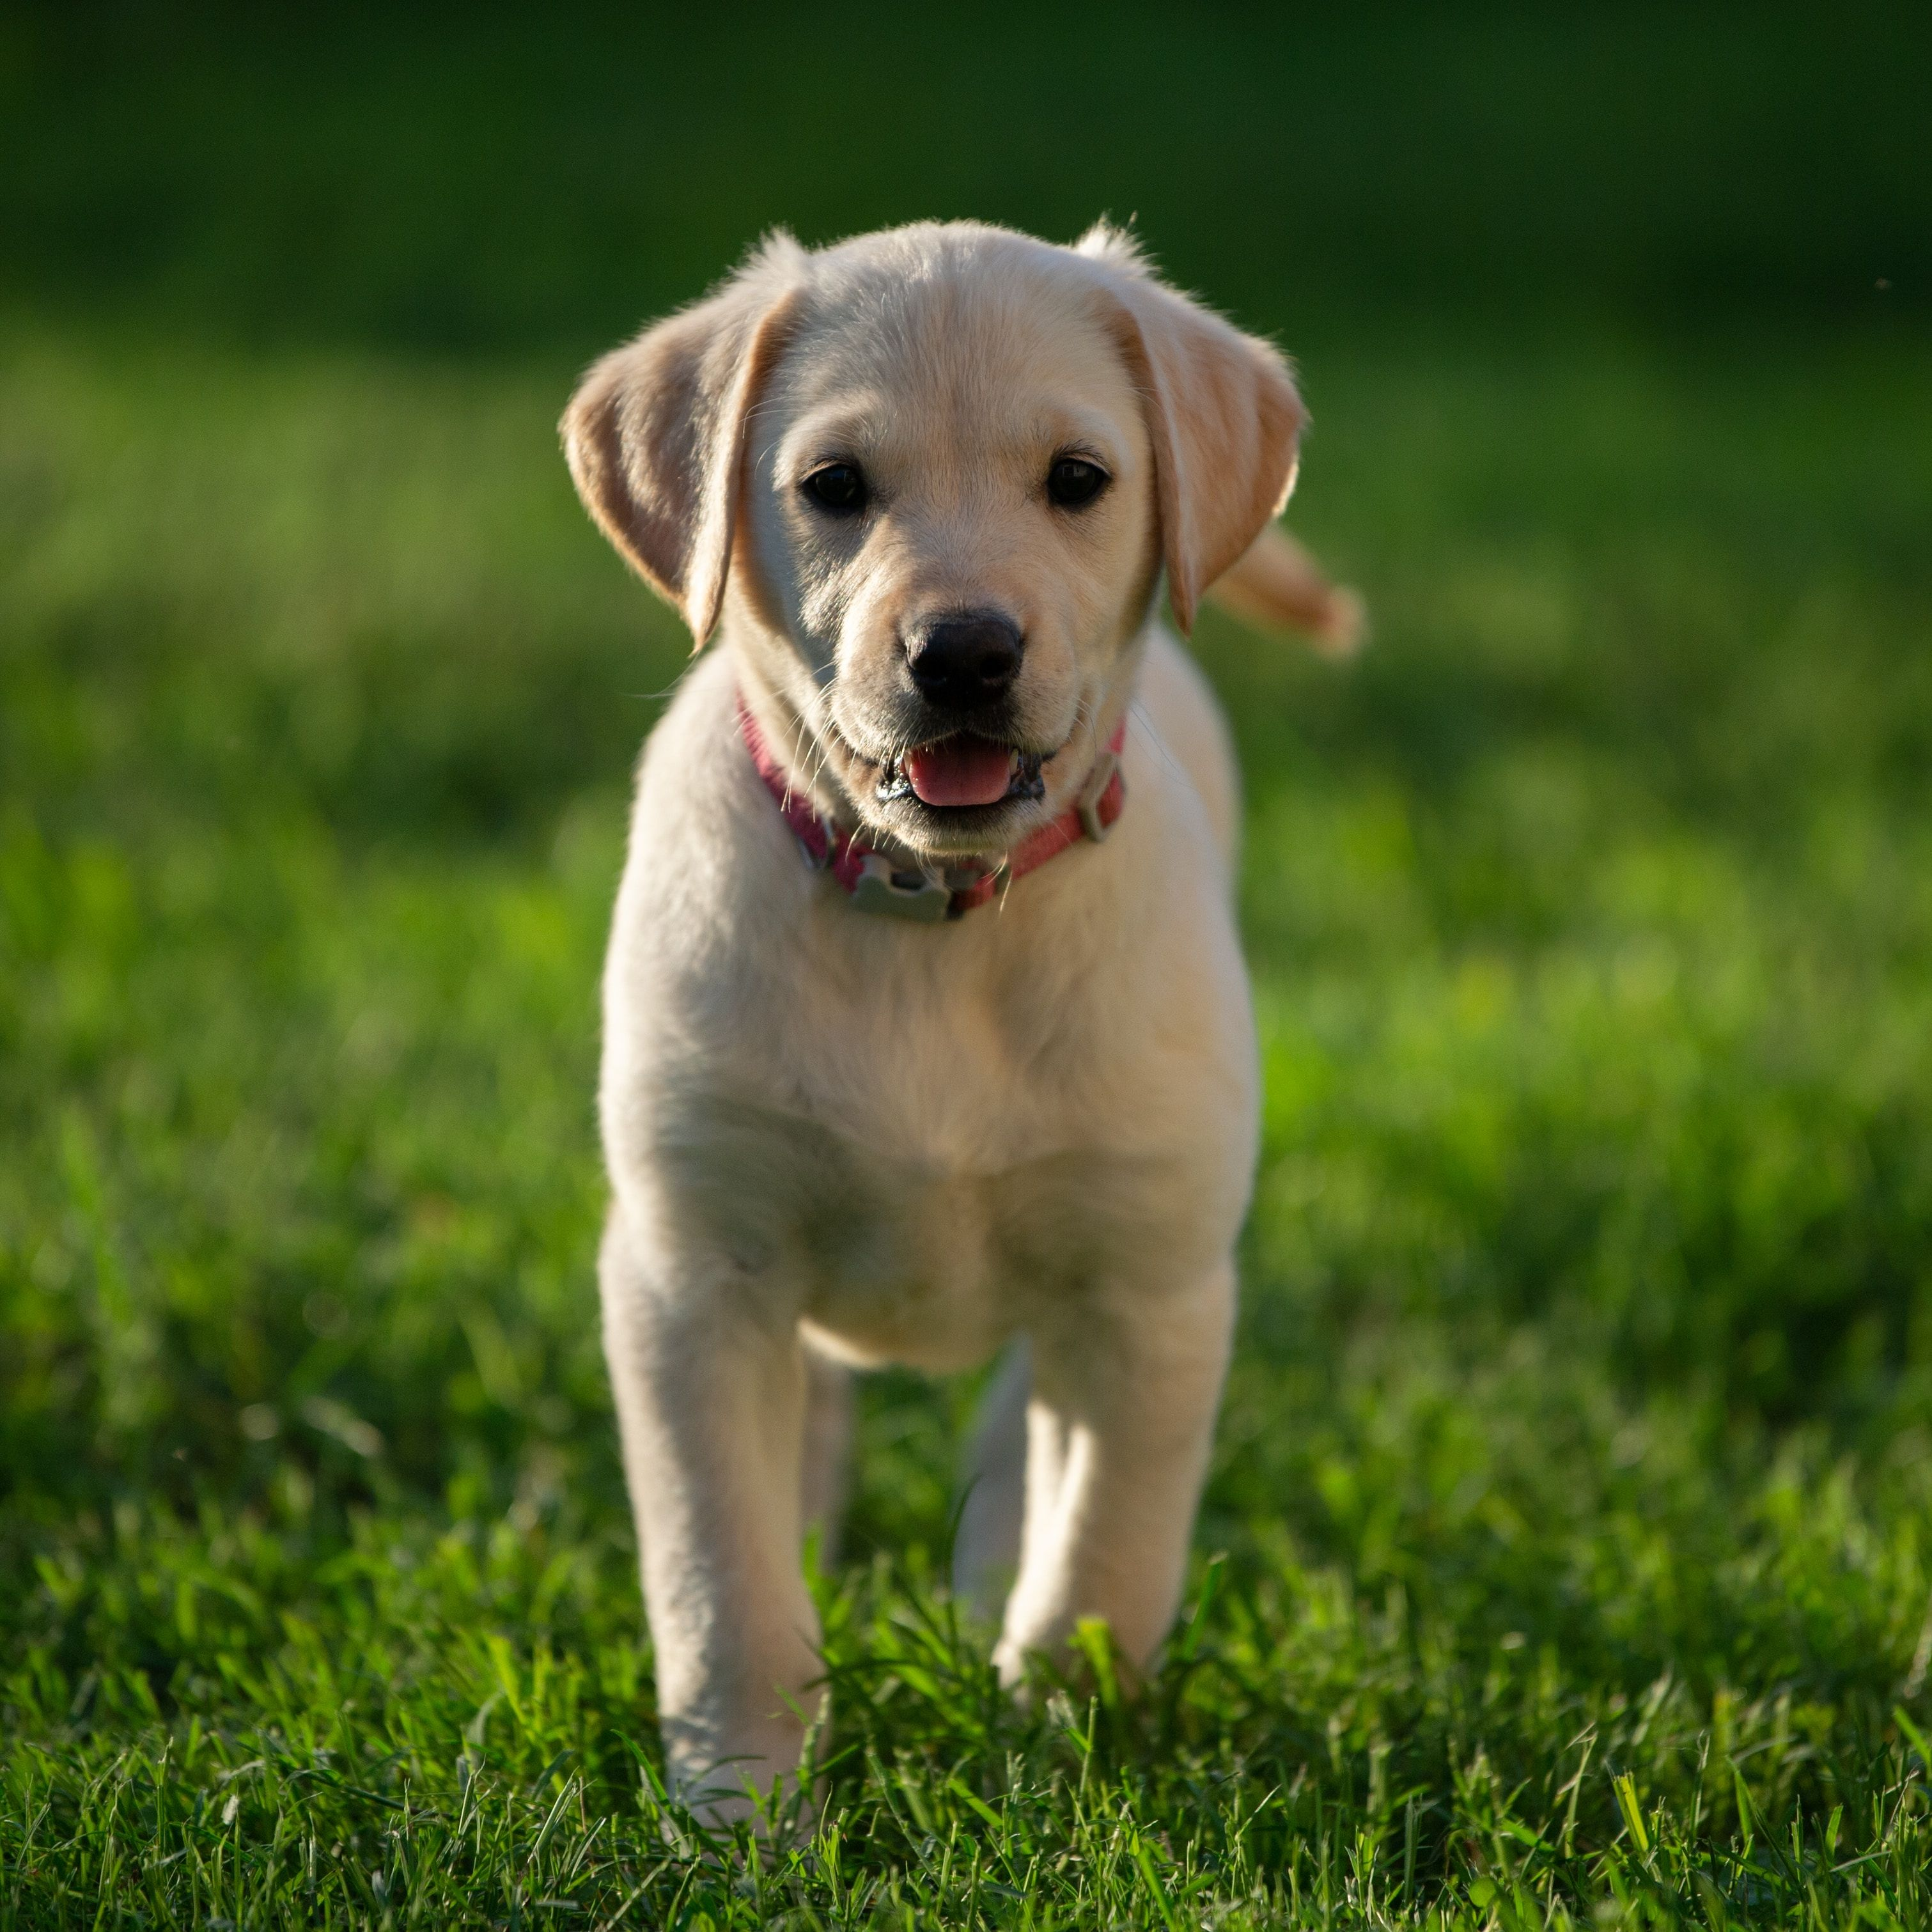 Labrador Retriever Puppy Golden Retriever Labrador Mix Labrador Retriever Most Popular Dog Breeds